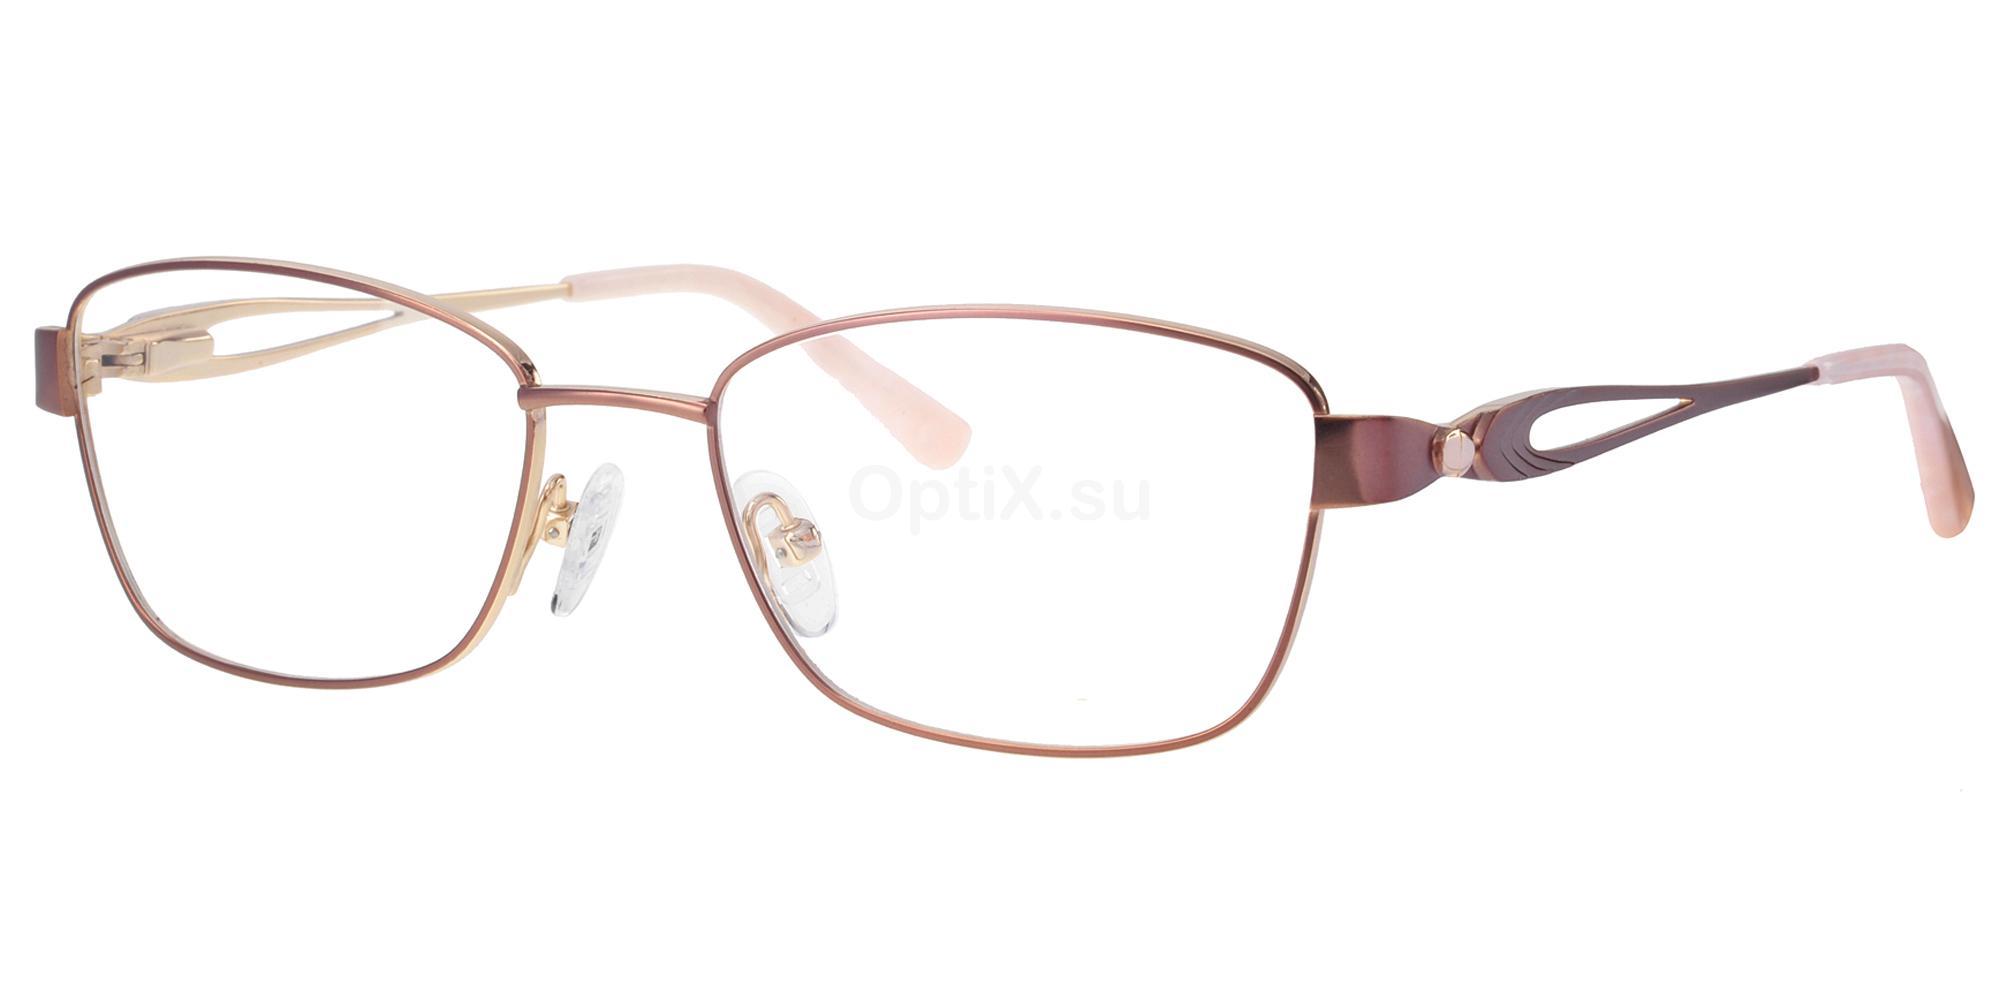 C90 722 Glasses, Ferucci Titanium